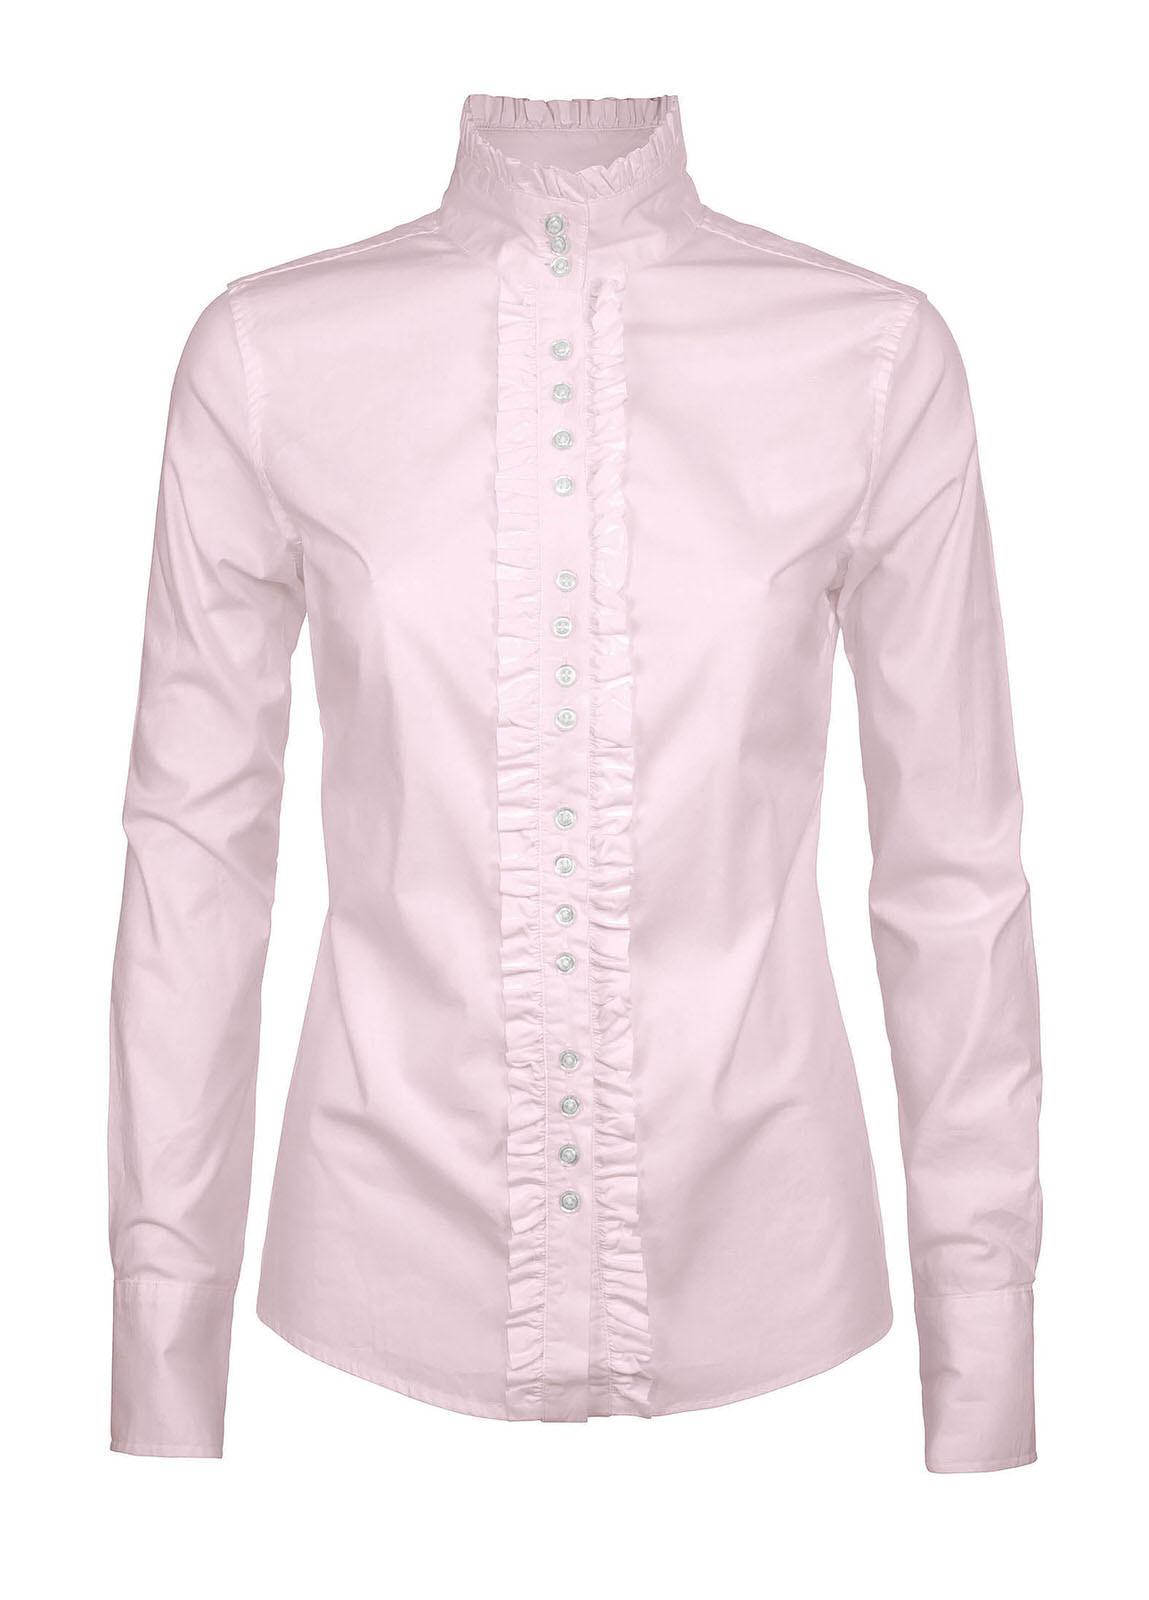 Chamomile_Shirt_Pale_Pink_Image_1